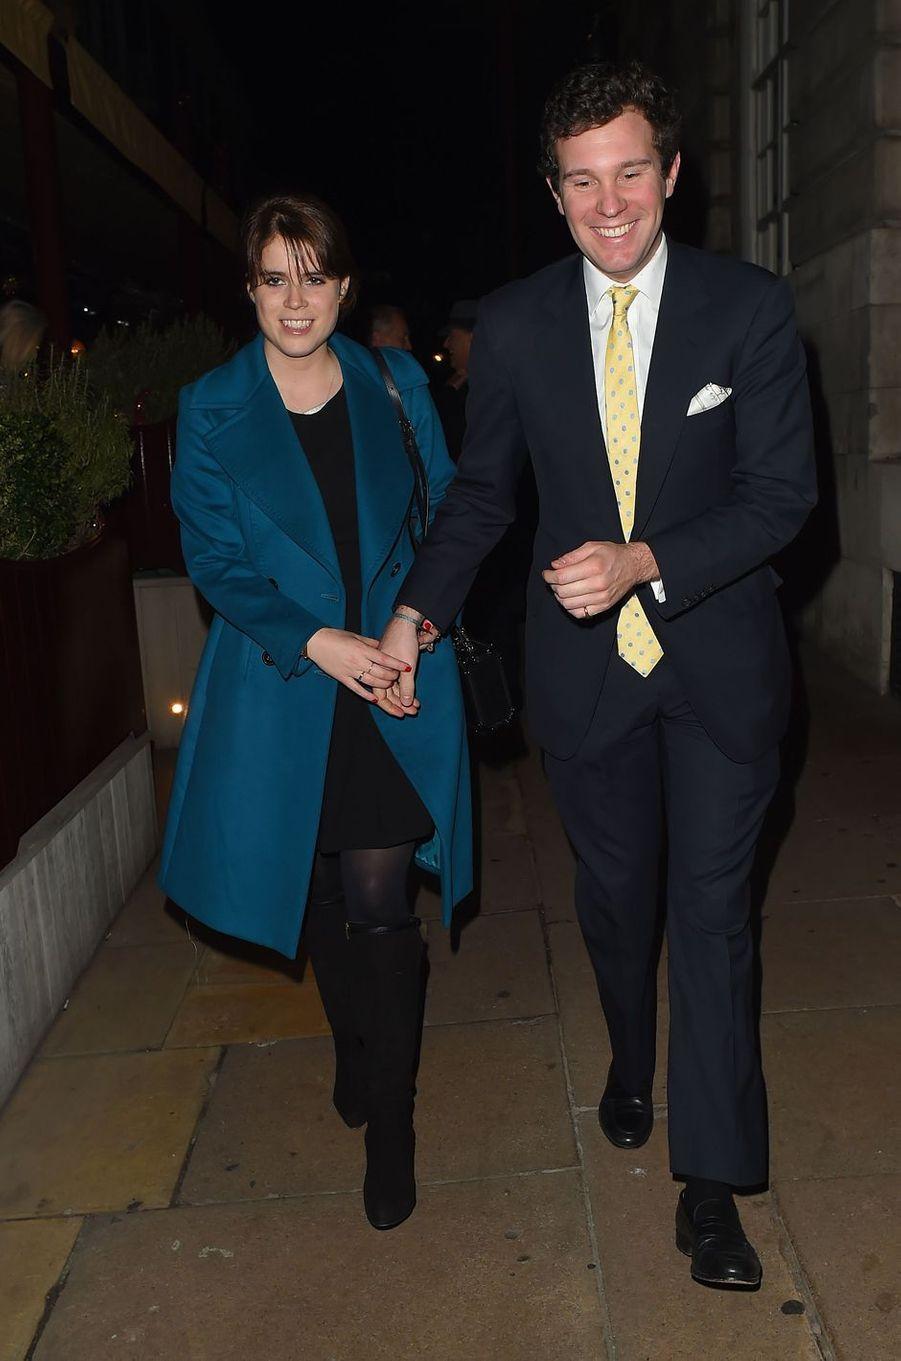 La princesse Eugenie d'York et Jack Brooksbank, le 7 décembre 2016